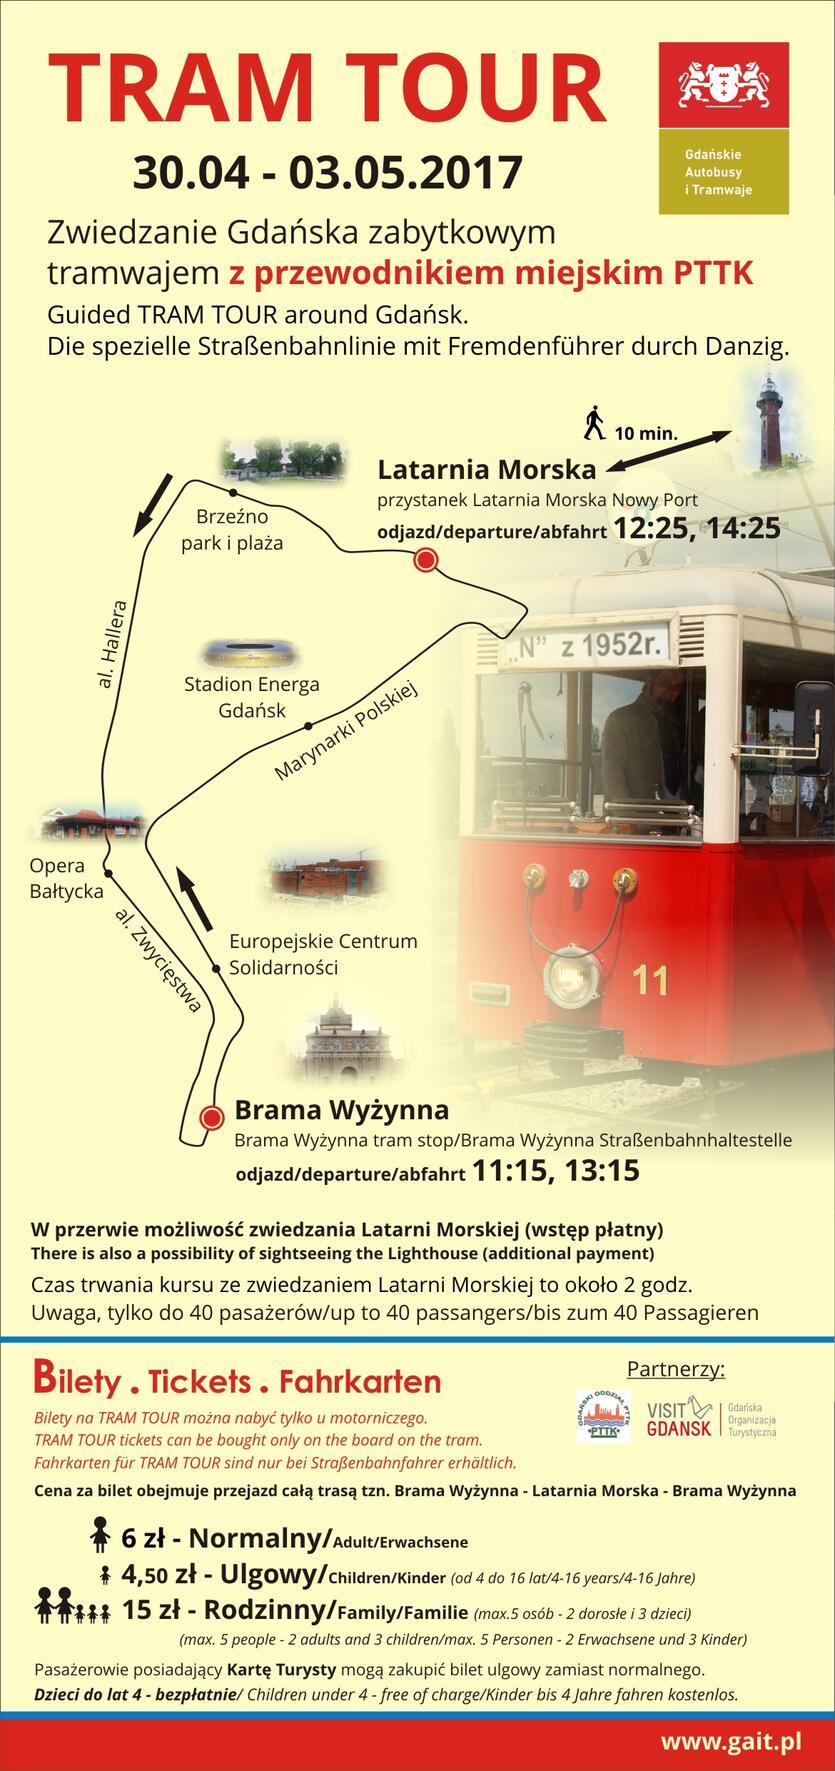 Tram Tour Route